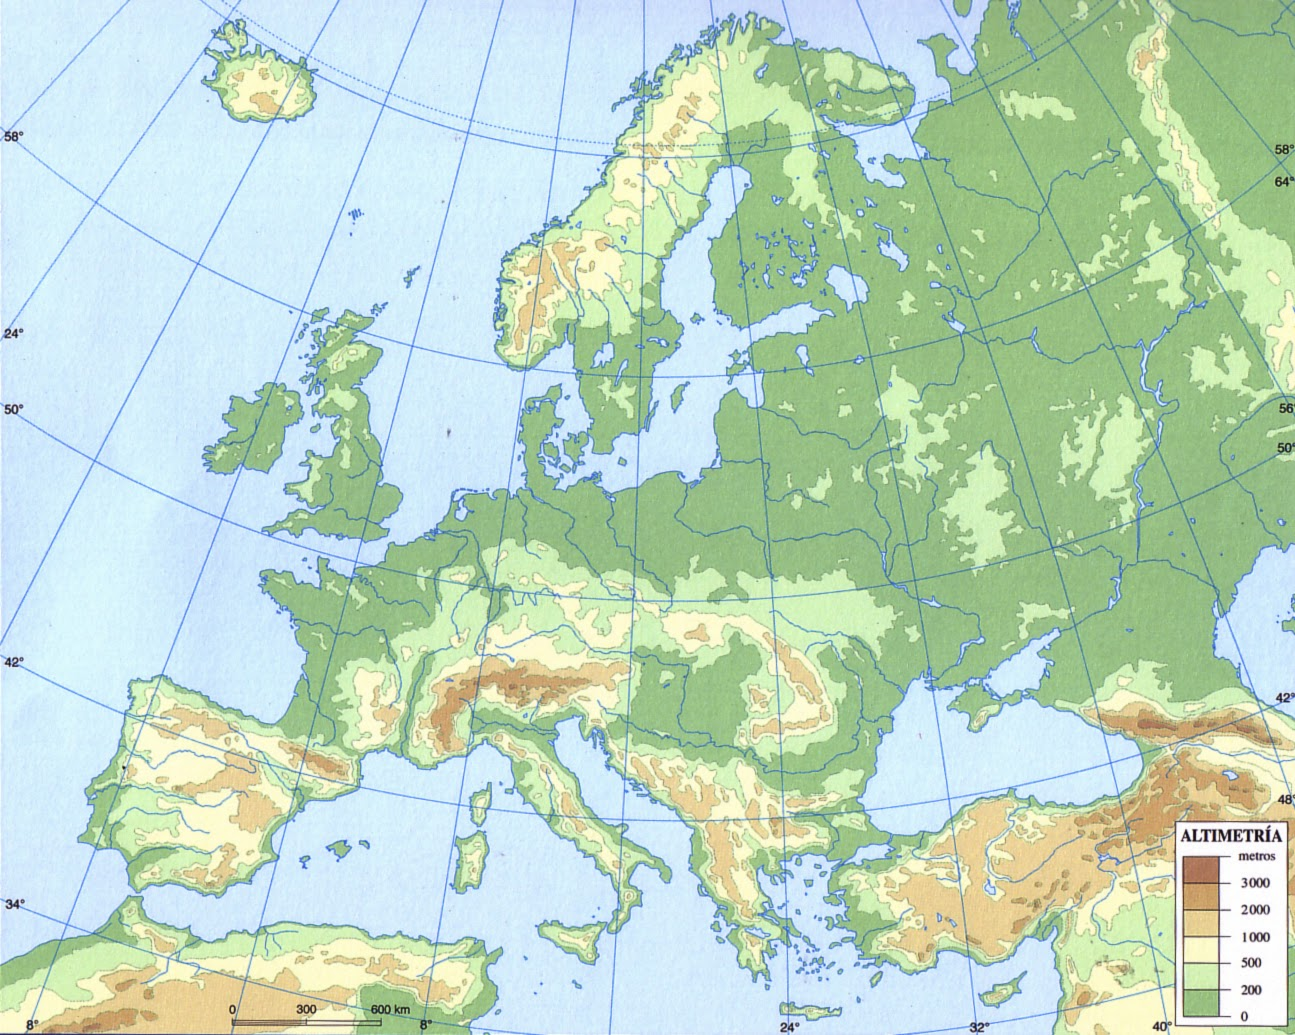 Mapa Fisico De Europa Mudo Para Imprimir.Juegos De Geografia Juego De Los Grandes Rios Del